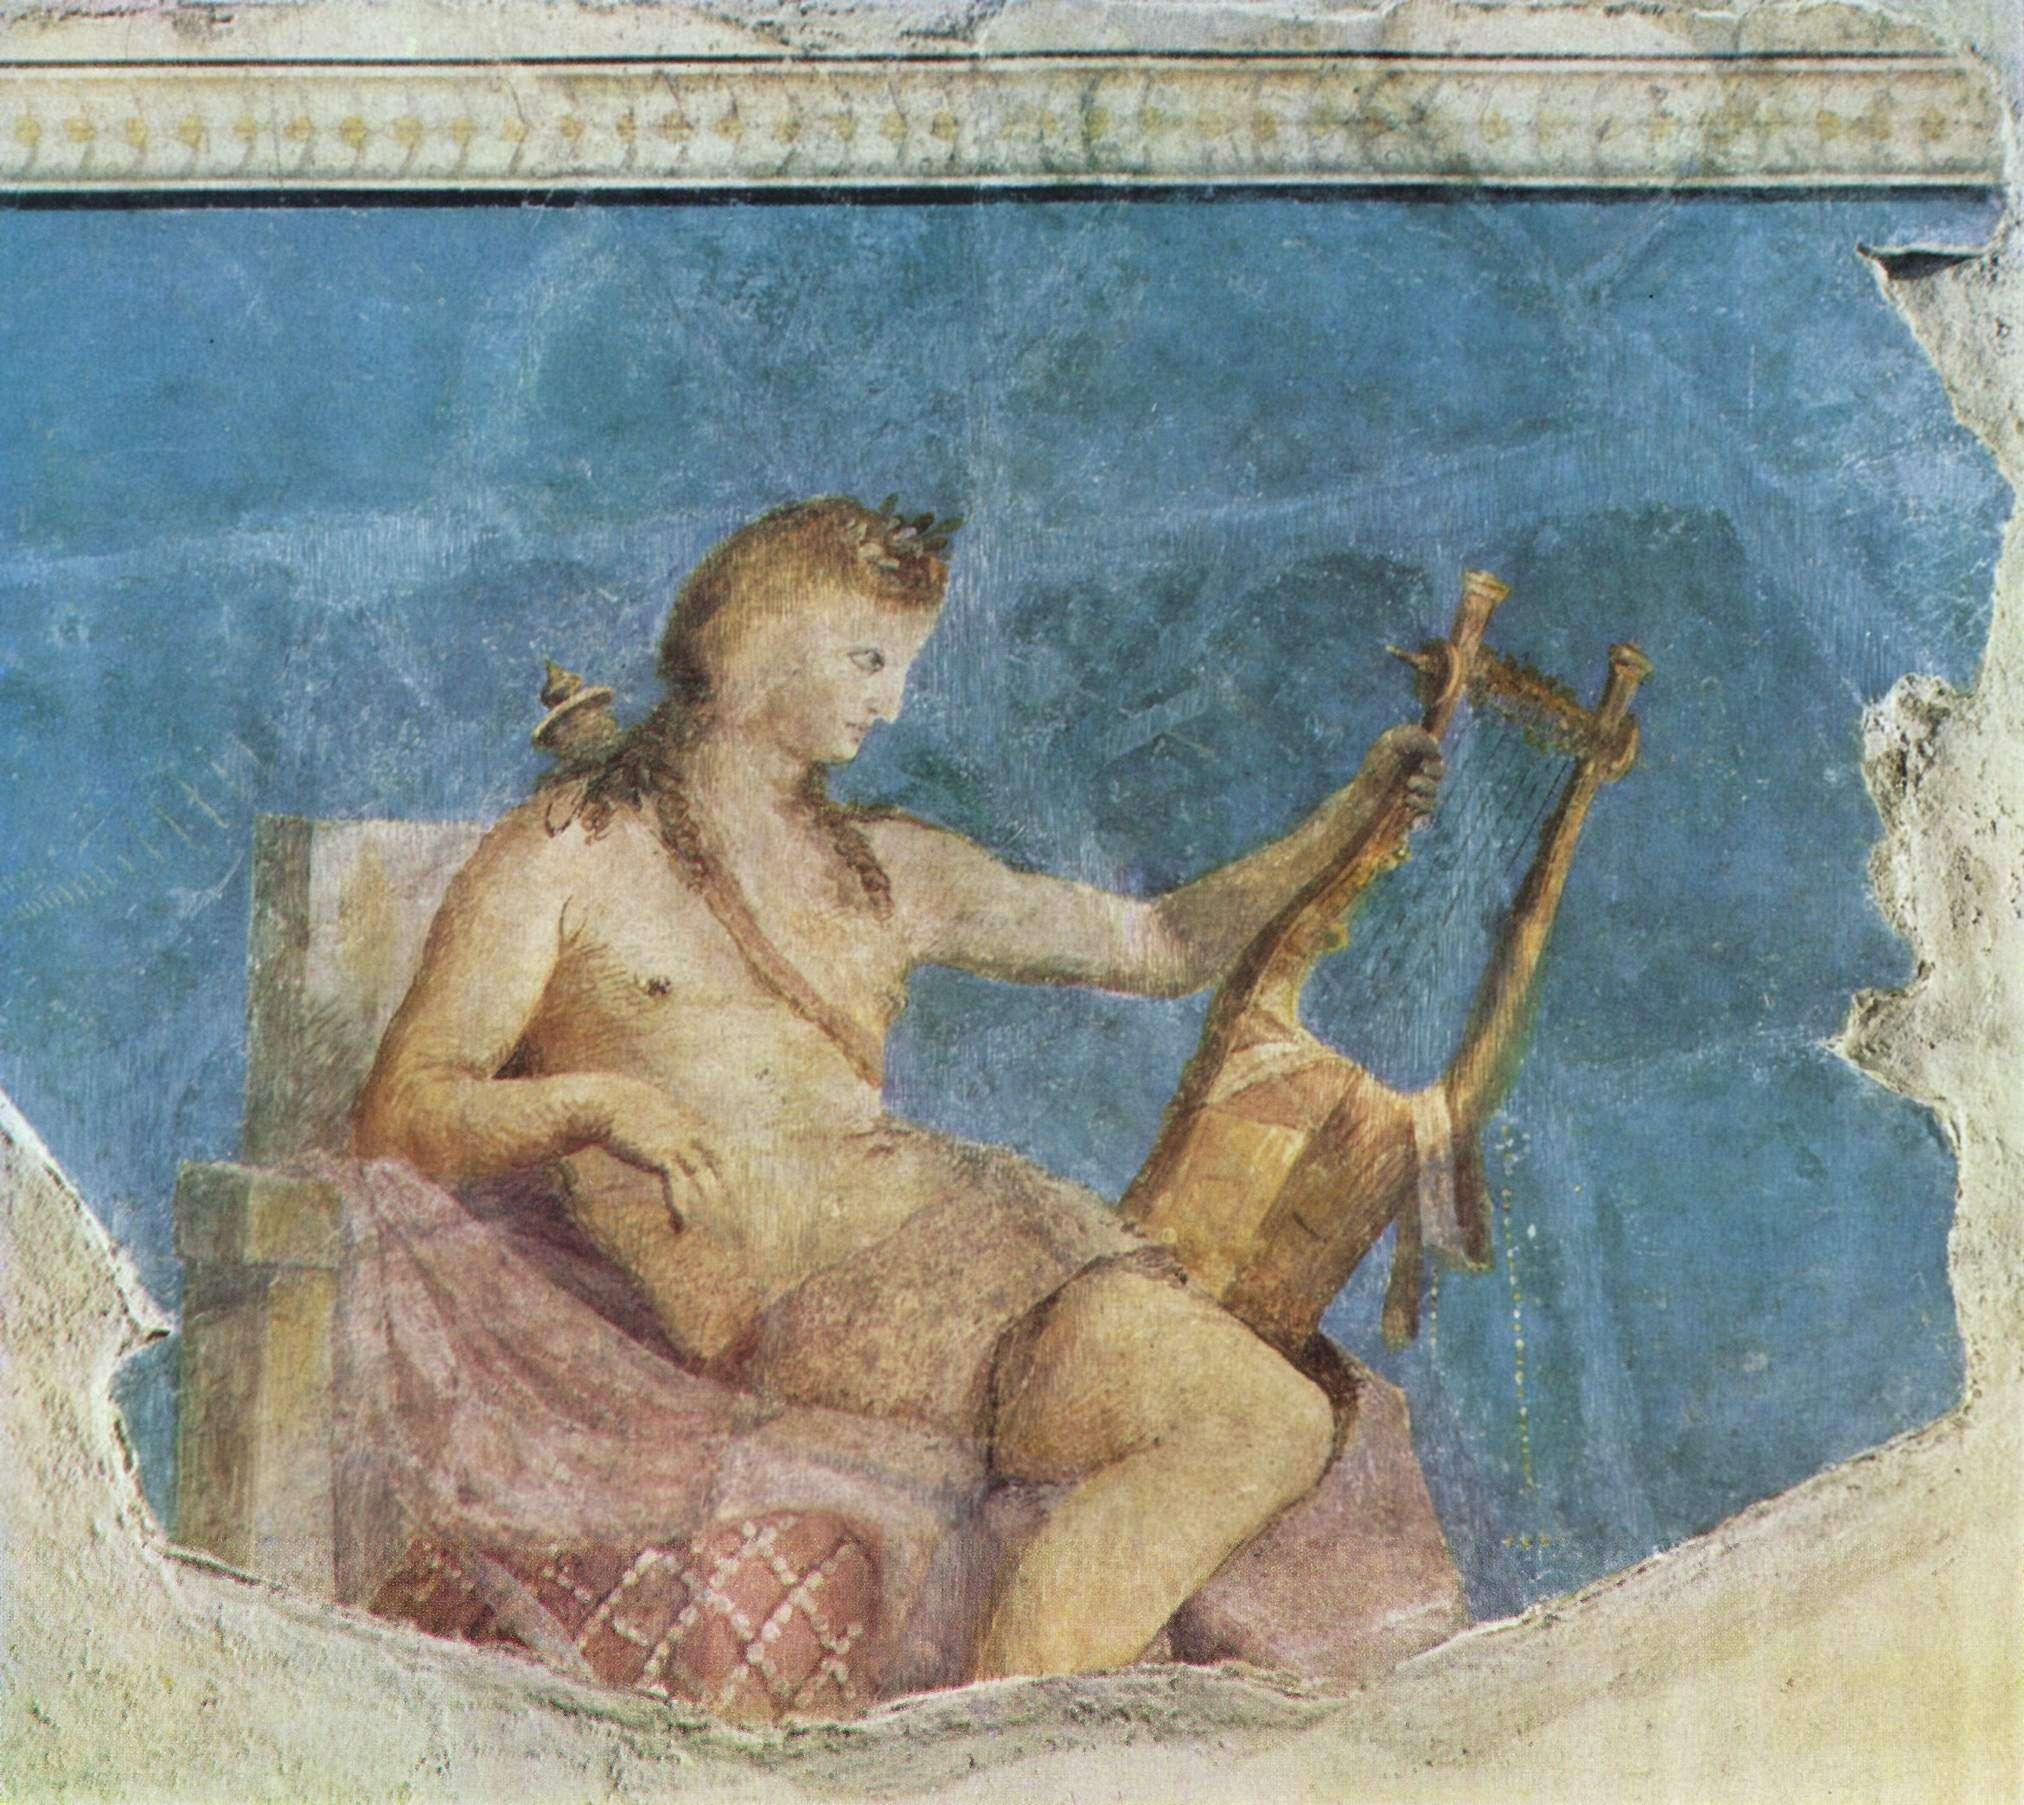 Ο «κιθαρωδός» Απόλλωνας. Φρεσκογραφία στον, Οίκο του Αυγούστου στην Ρώμη, περ. 20 π.Χ.